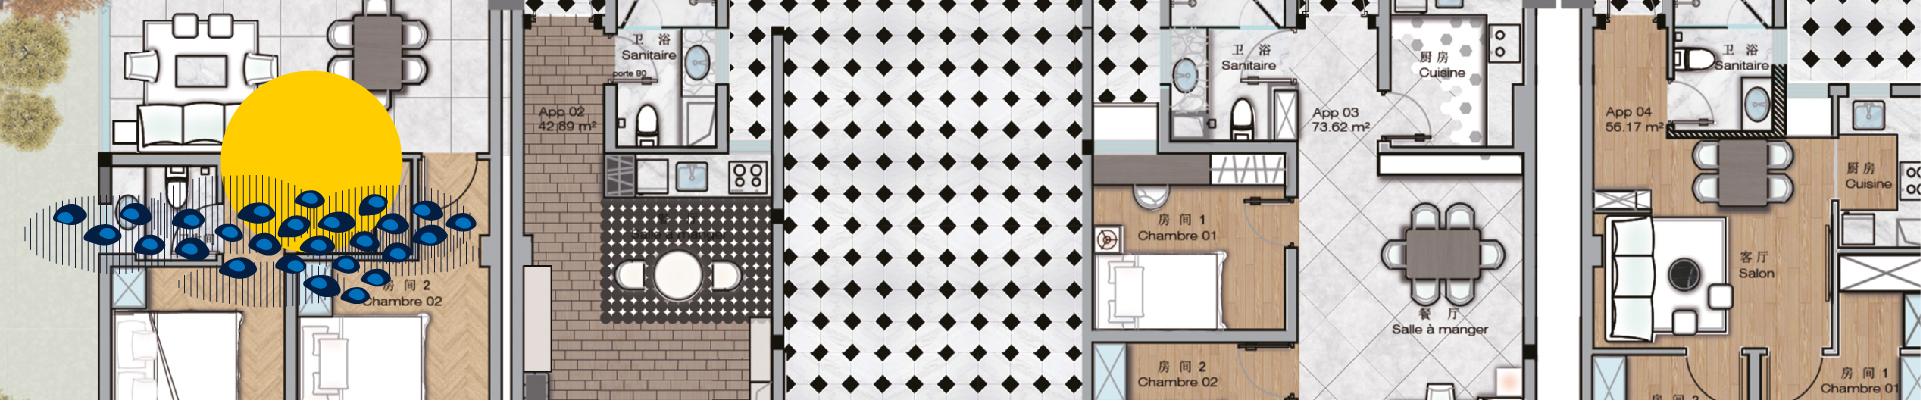 plans-architecture-design